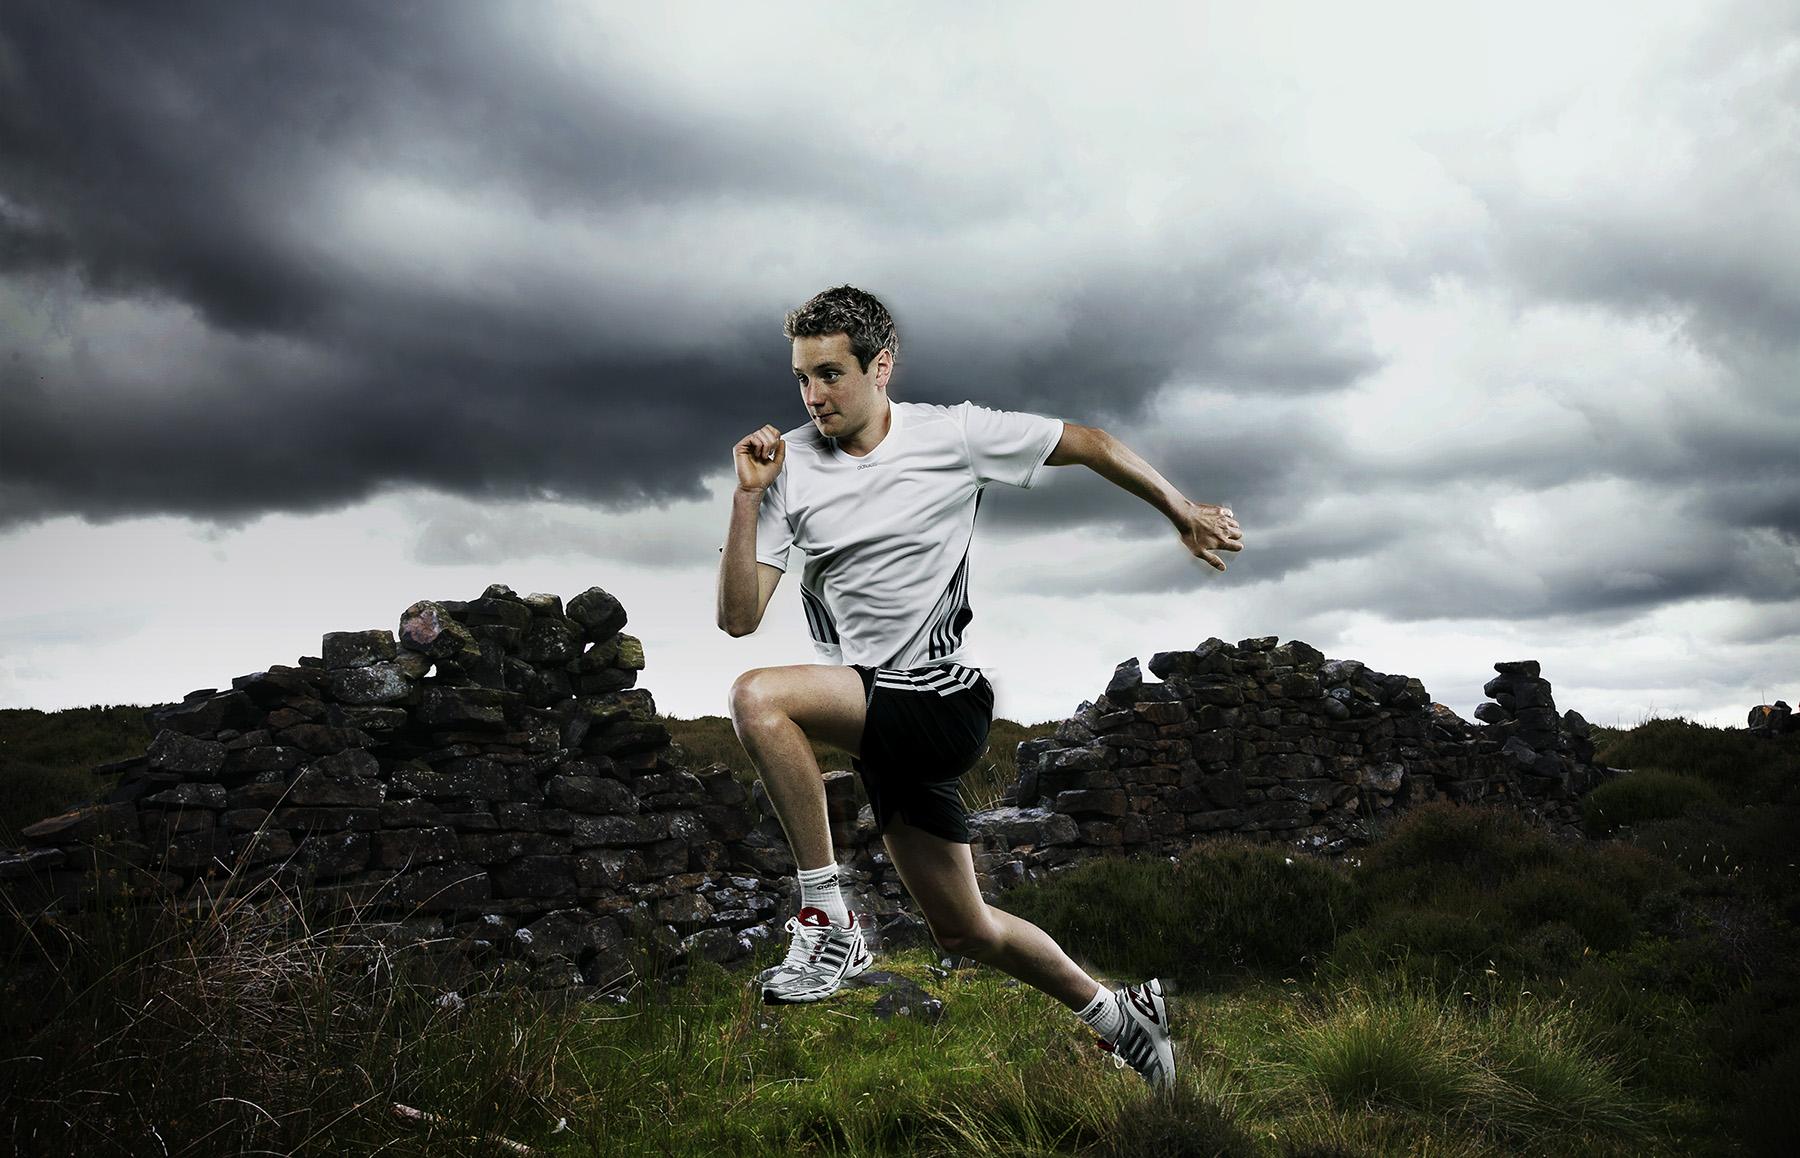 Adidas_Alistair_Brownlee